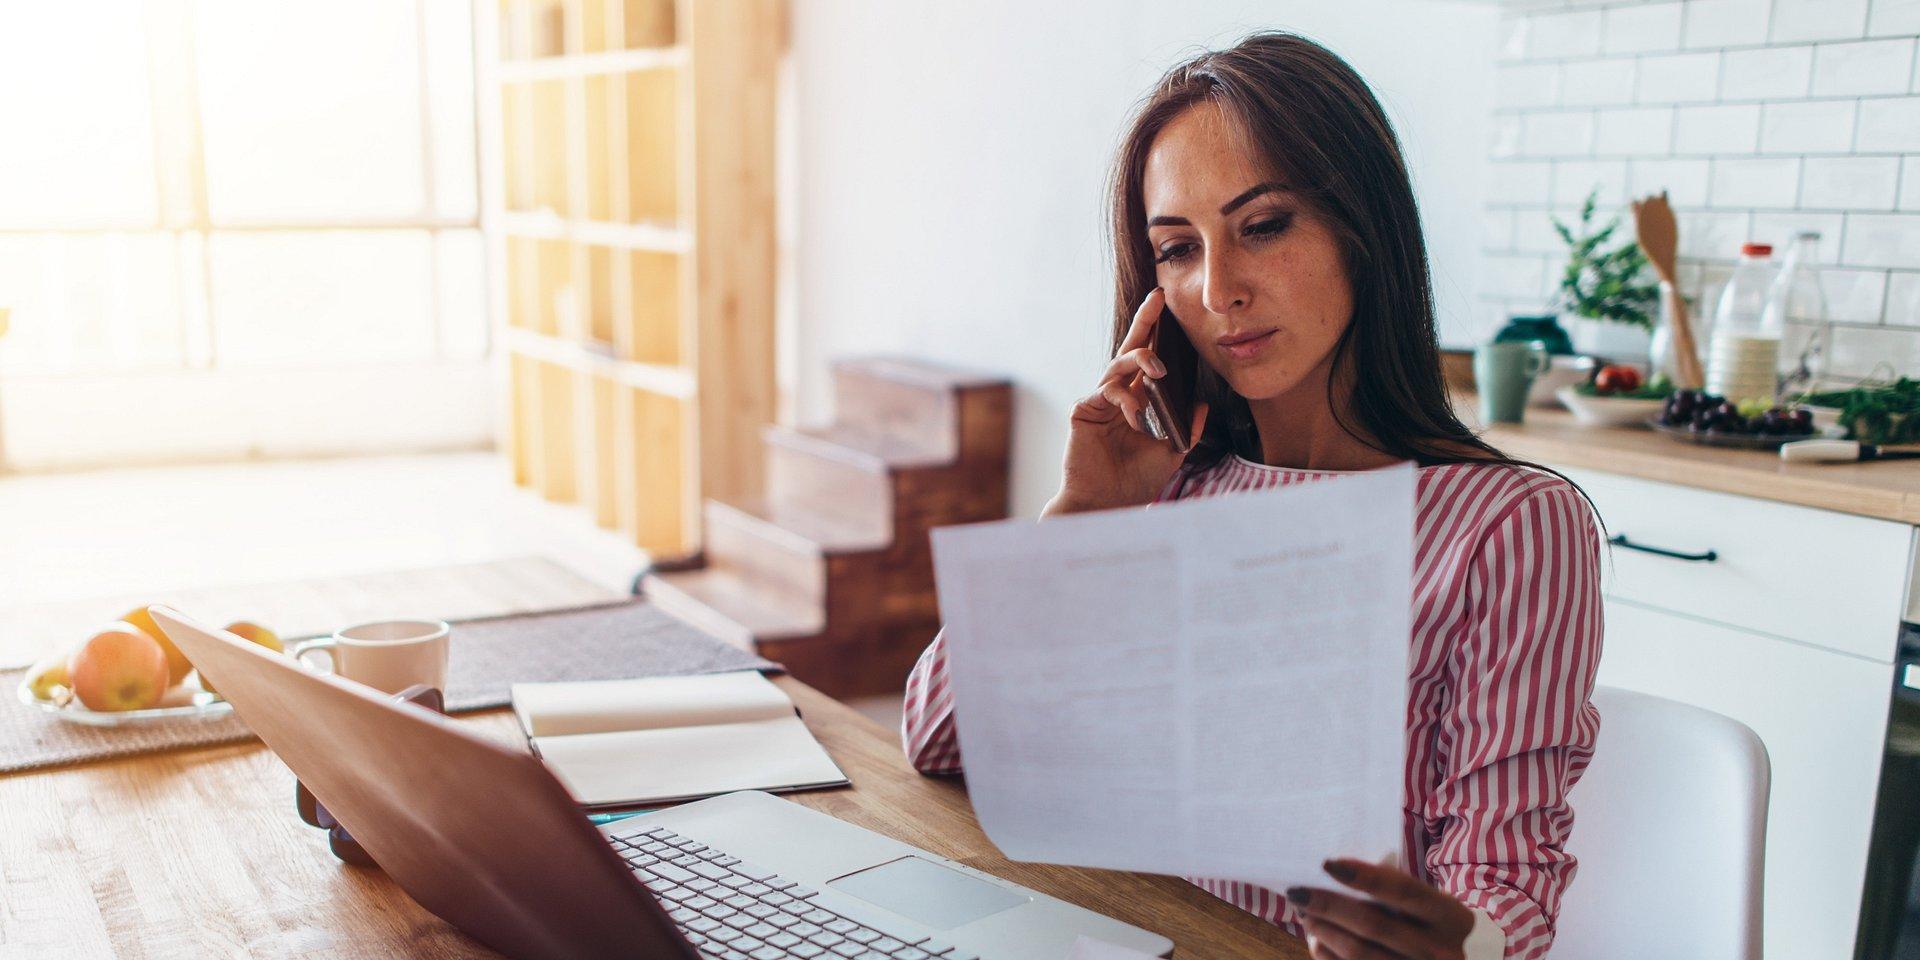 Praca z domu – rozwiązanie awaryjne czy nowy standard na rynku?